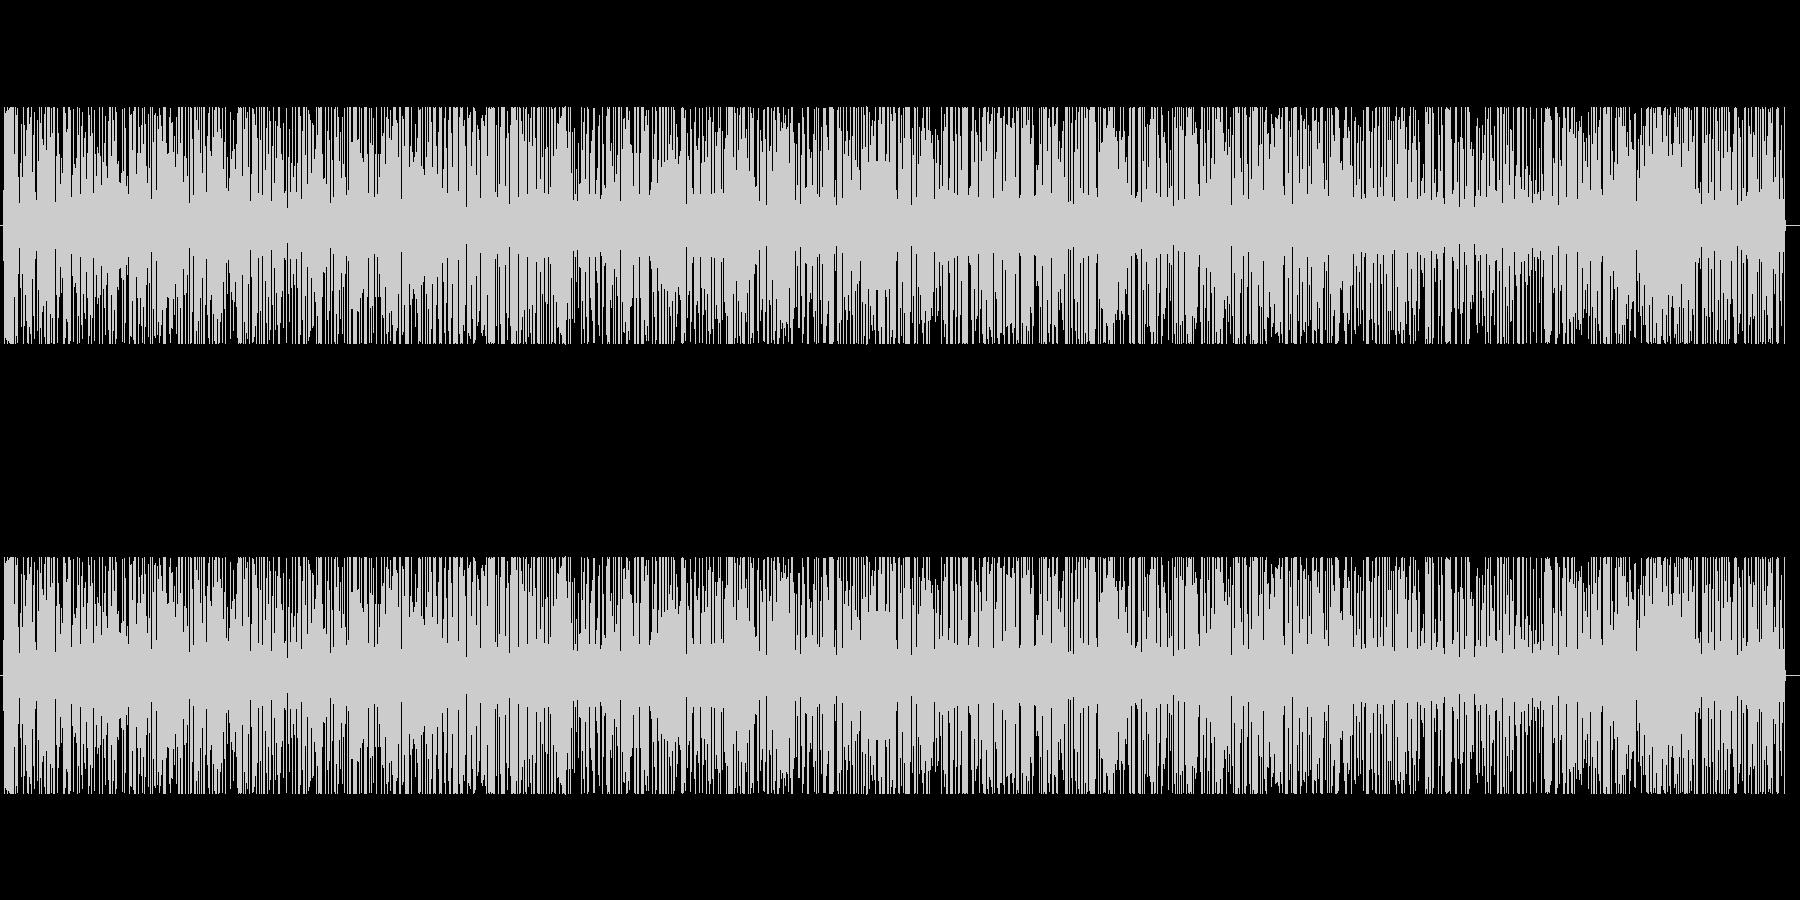 【テクスチャー 環境02-1】の未再生の波形